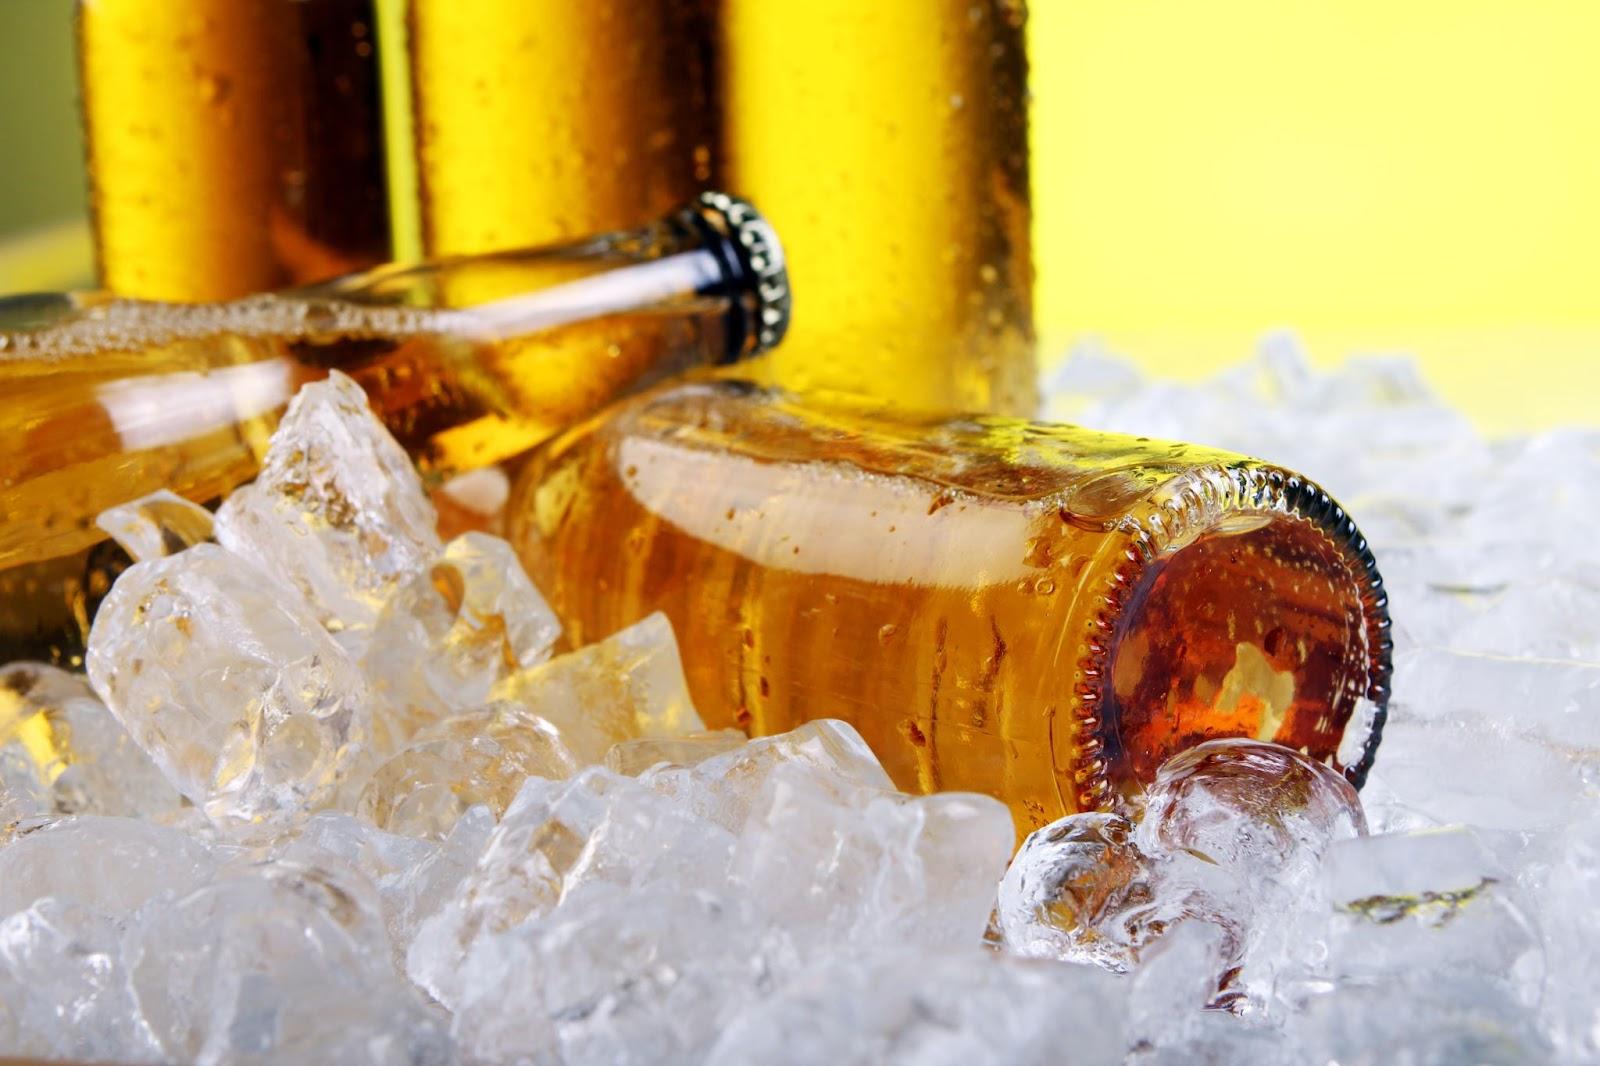 Imagem de garrafas de cerveja no gelo para ensinar como gelar cerveja rápido